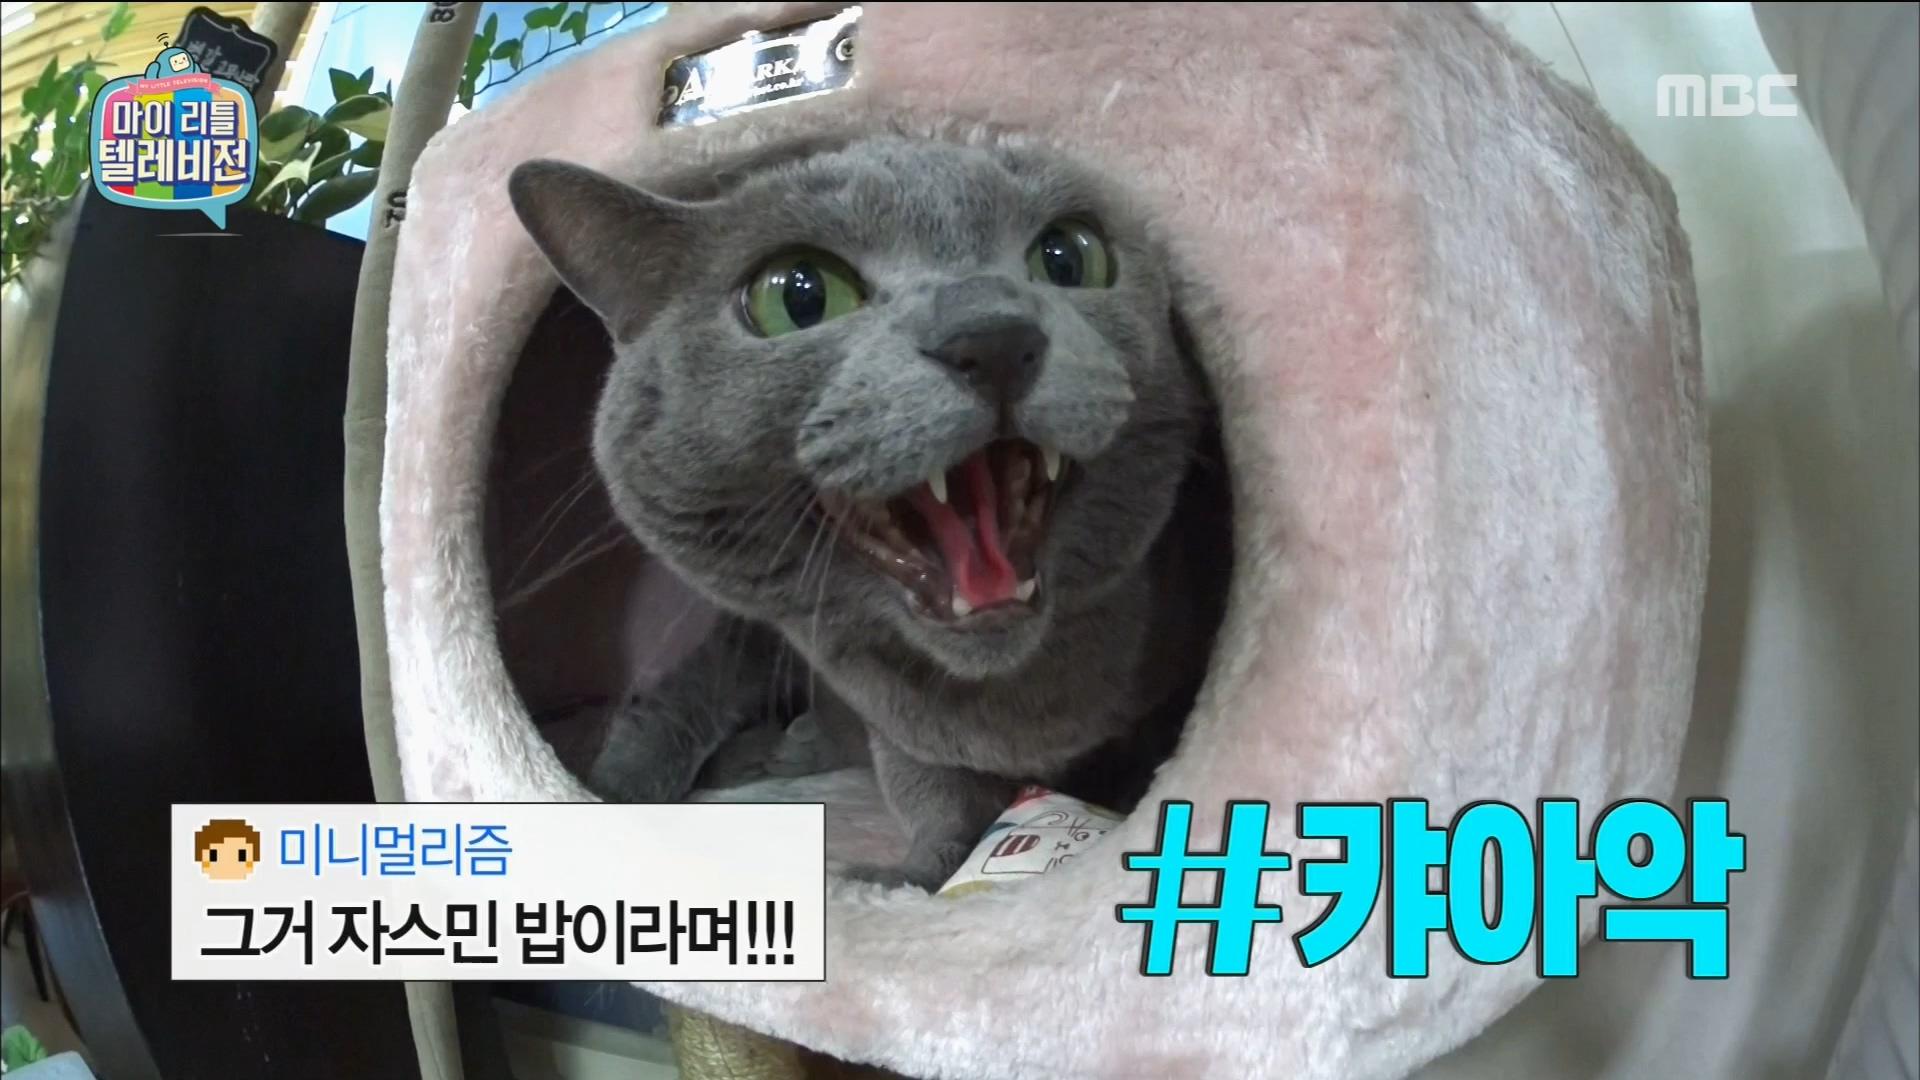 이홍기&최종훈, 게스트 방송 거부 사태에 진땀